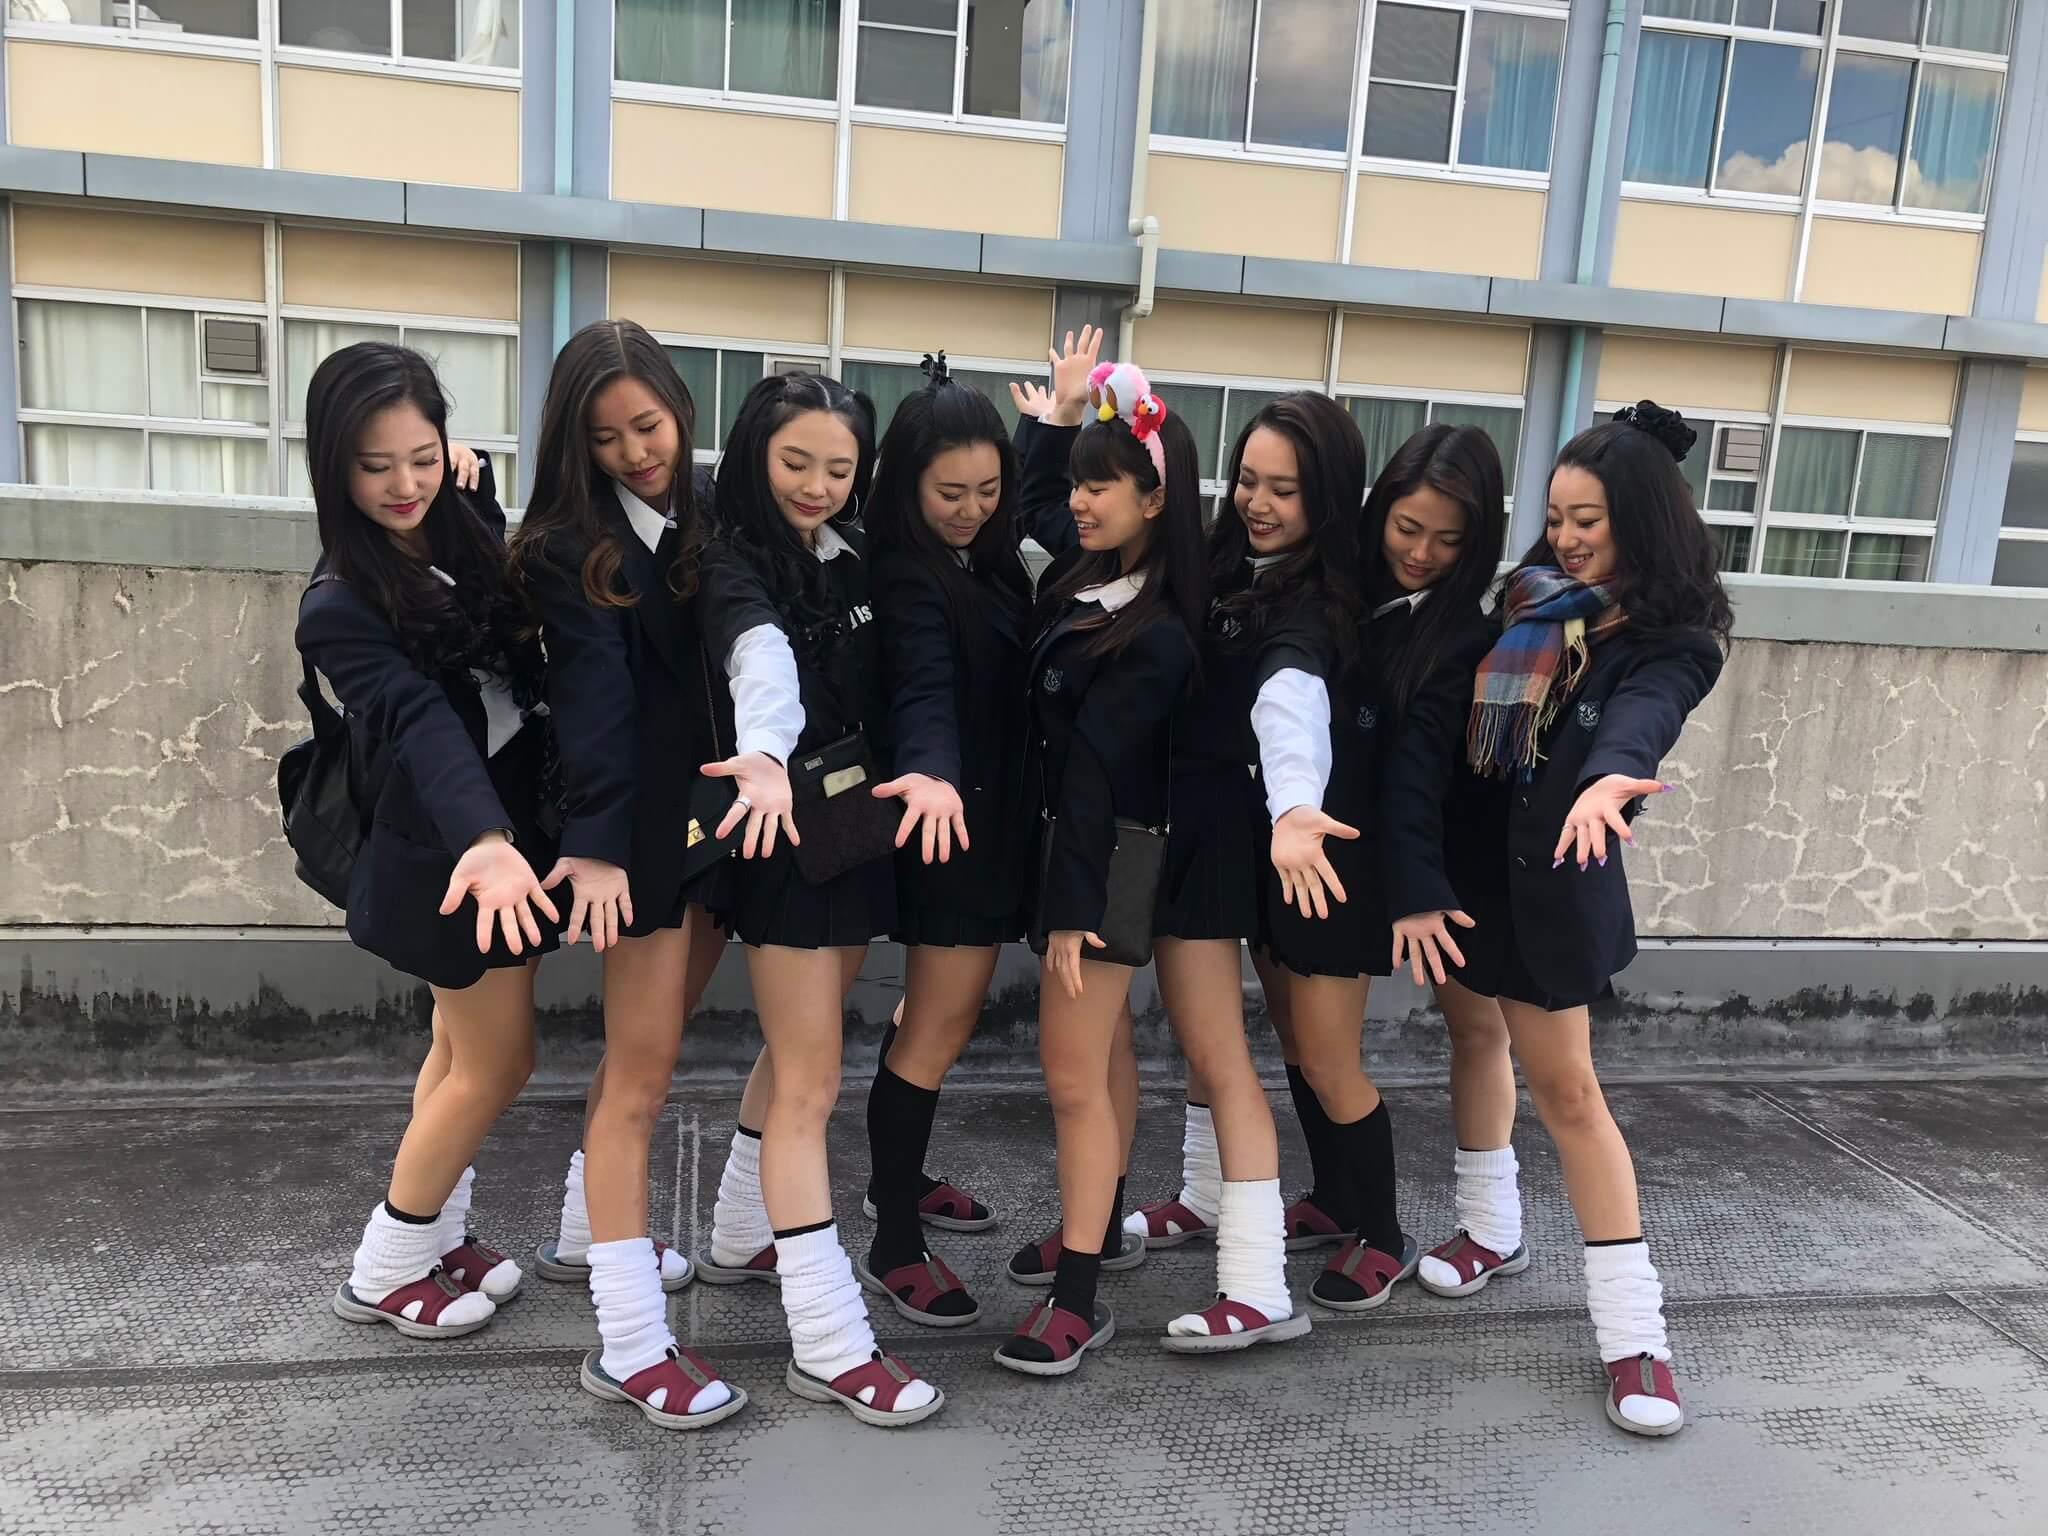 【画像】発掘!長野北JKというマイナーエチチな女子高生写真